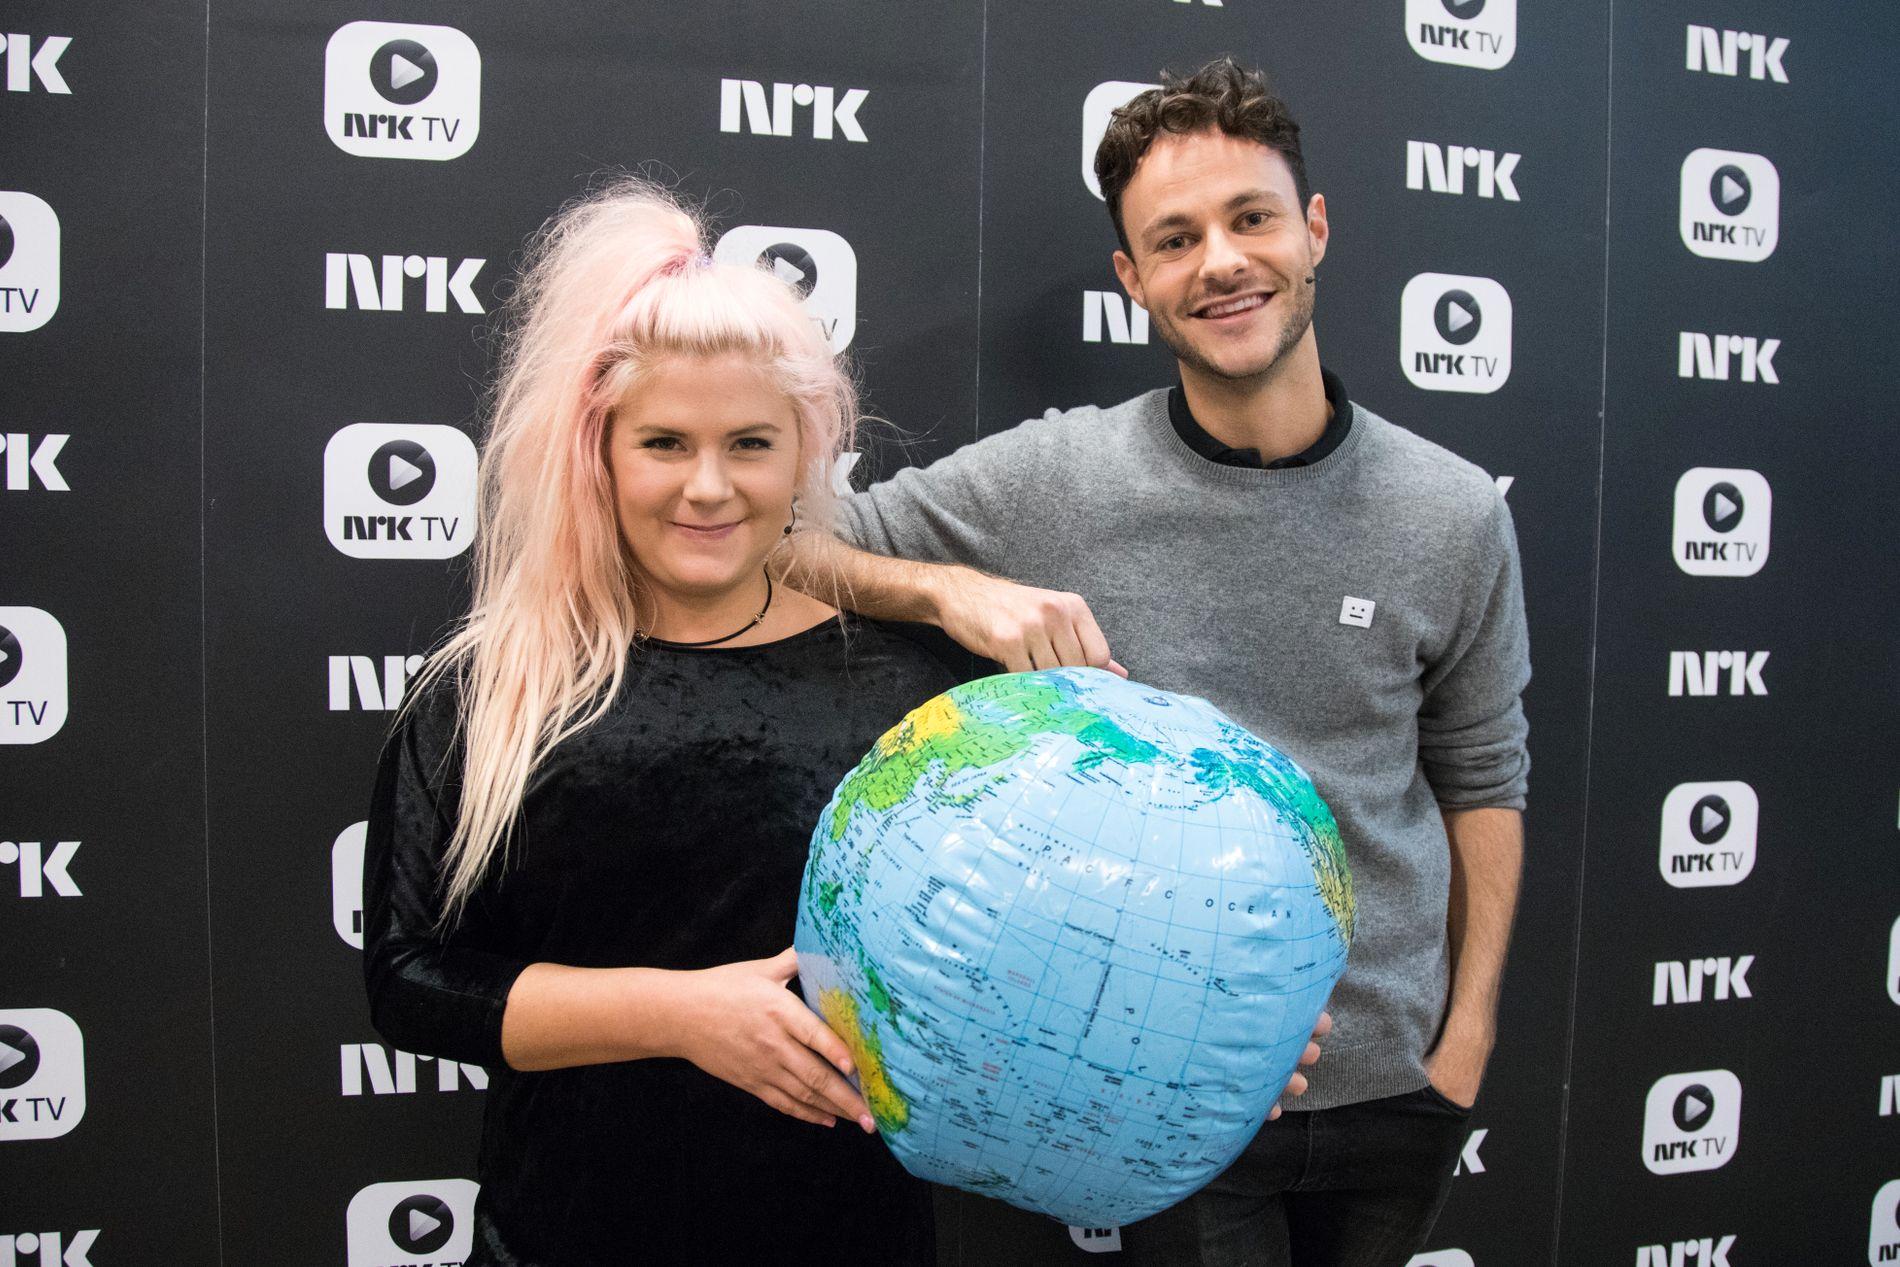 SATTE REKORD: Gisle Gjevestad Agledahl og Line Elvsåshagen under TV-aksjonen 2017.